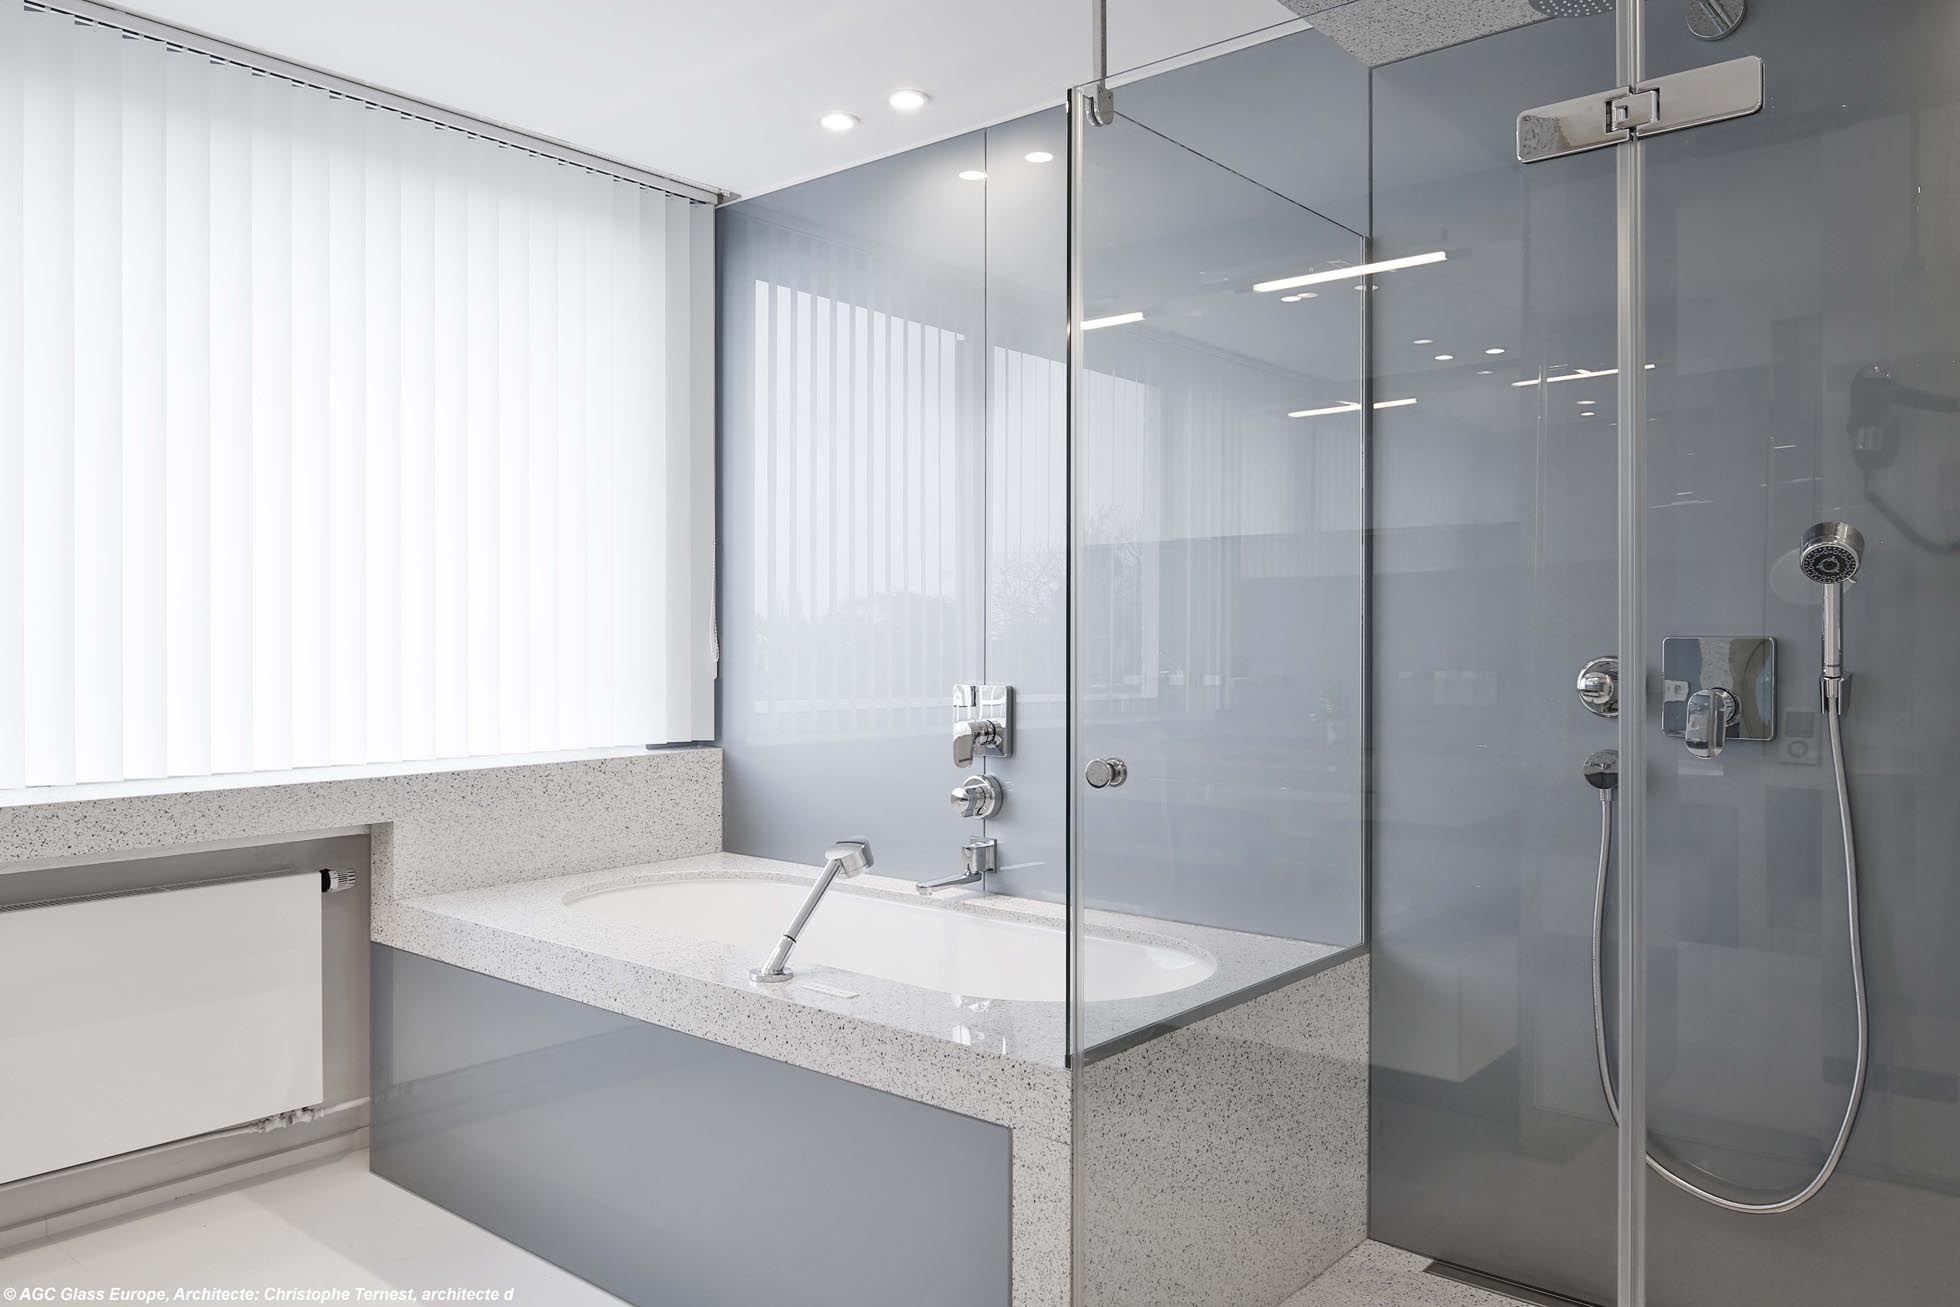 Verre De Separation Salle De Bain verre laqué : un matériau idéal pour le design intérieur